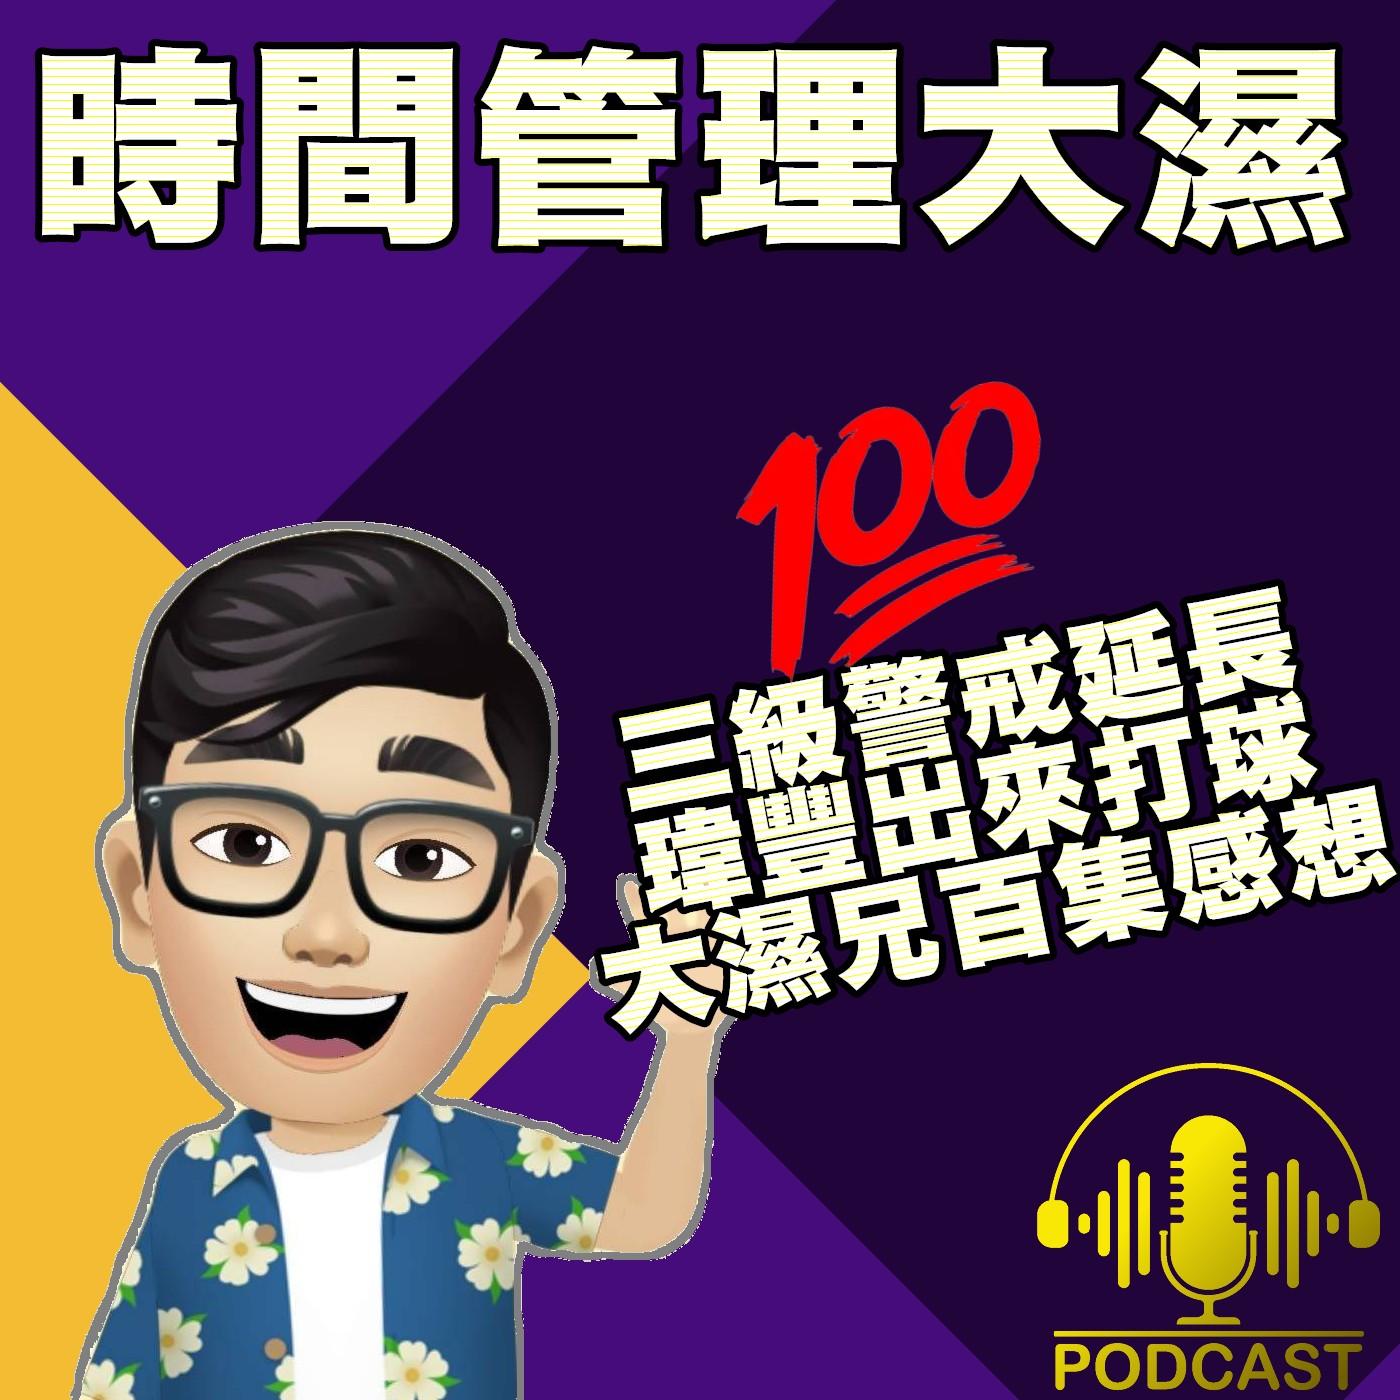 EP.100【延上時間】三級警戒延長、瑋豐出來打球、大濕兄百集感想